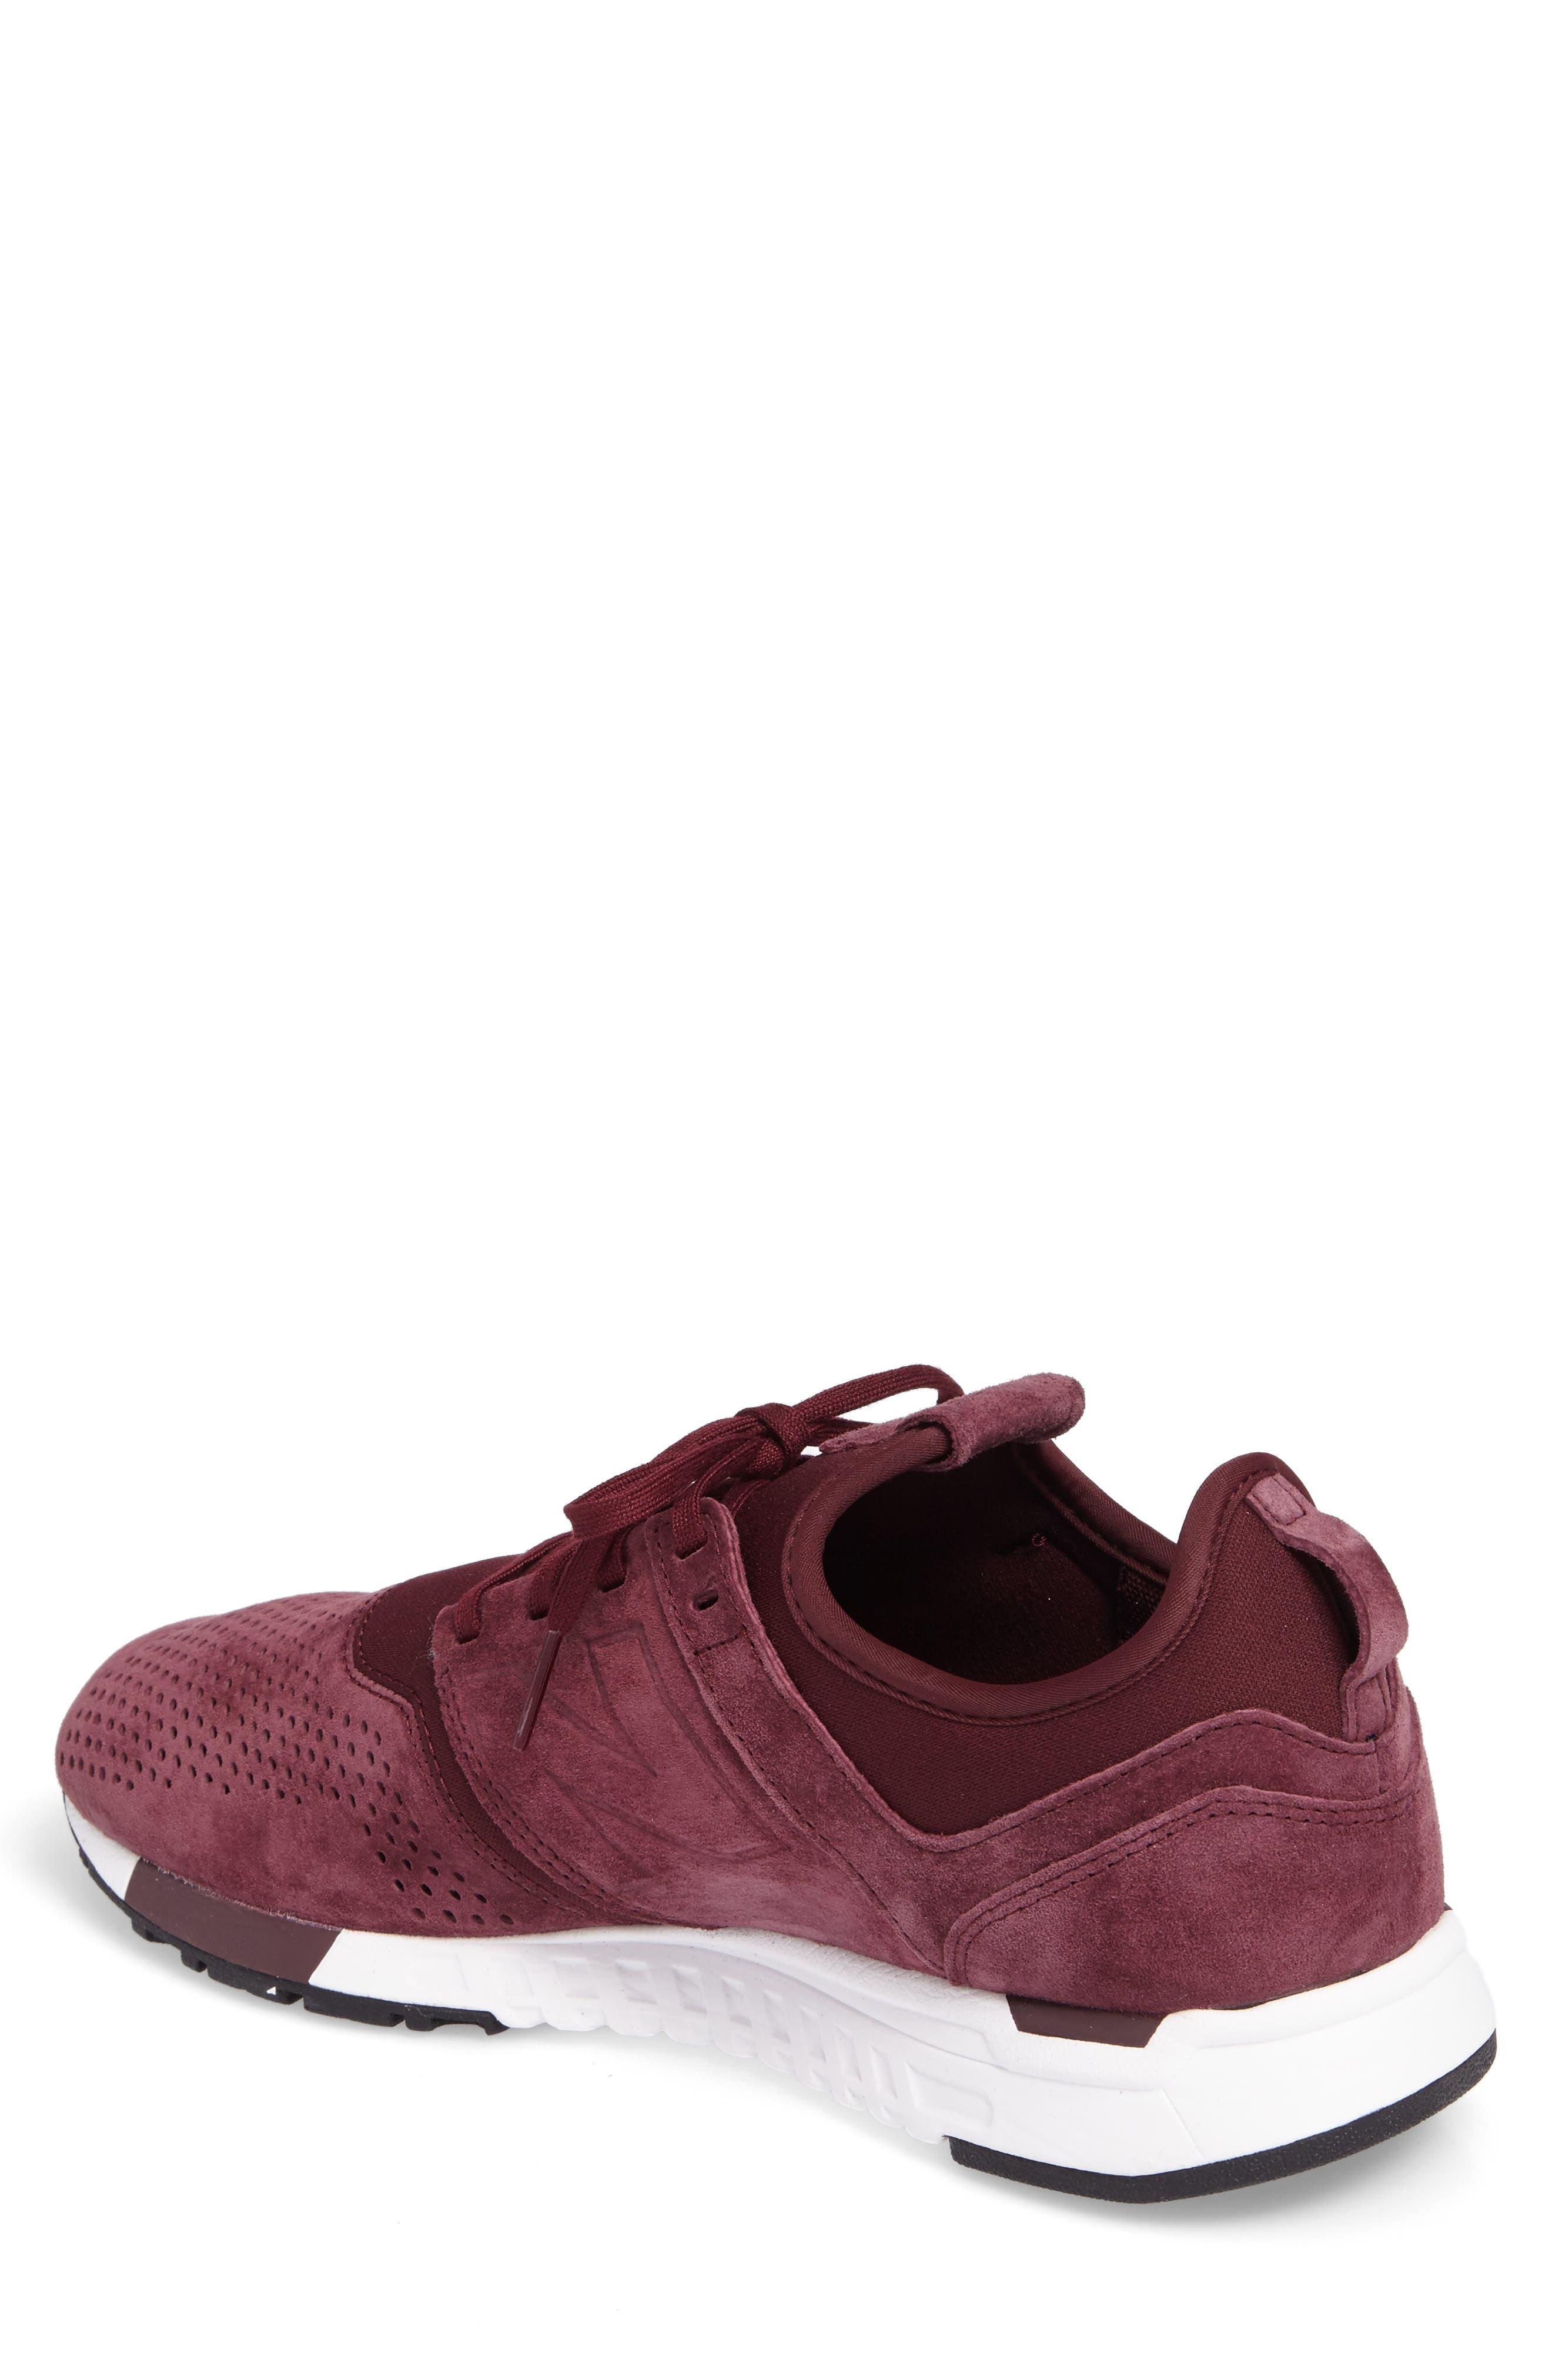 247 Sneaker,                             Alternate thumbnail 4, color,